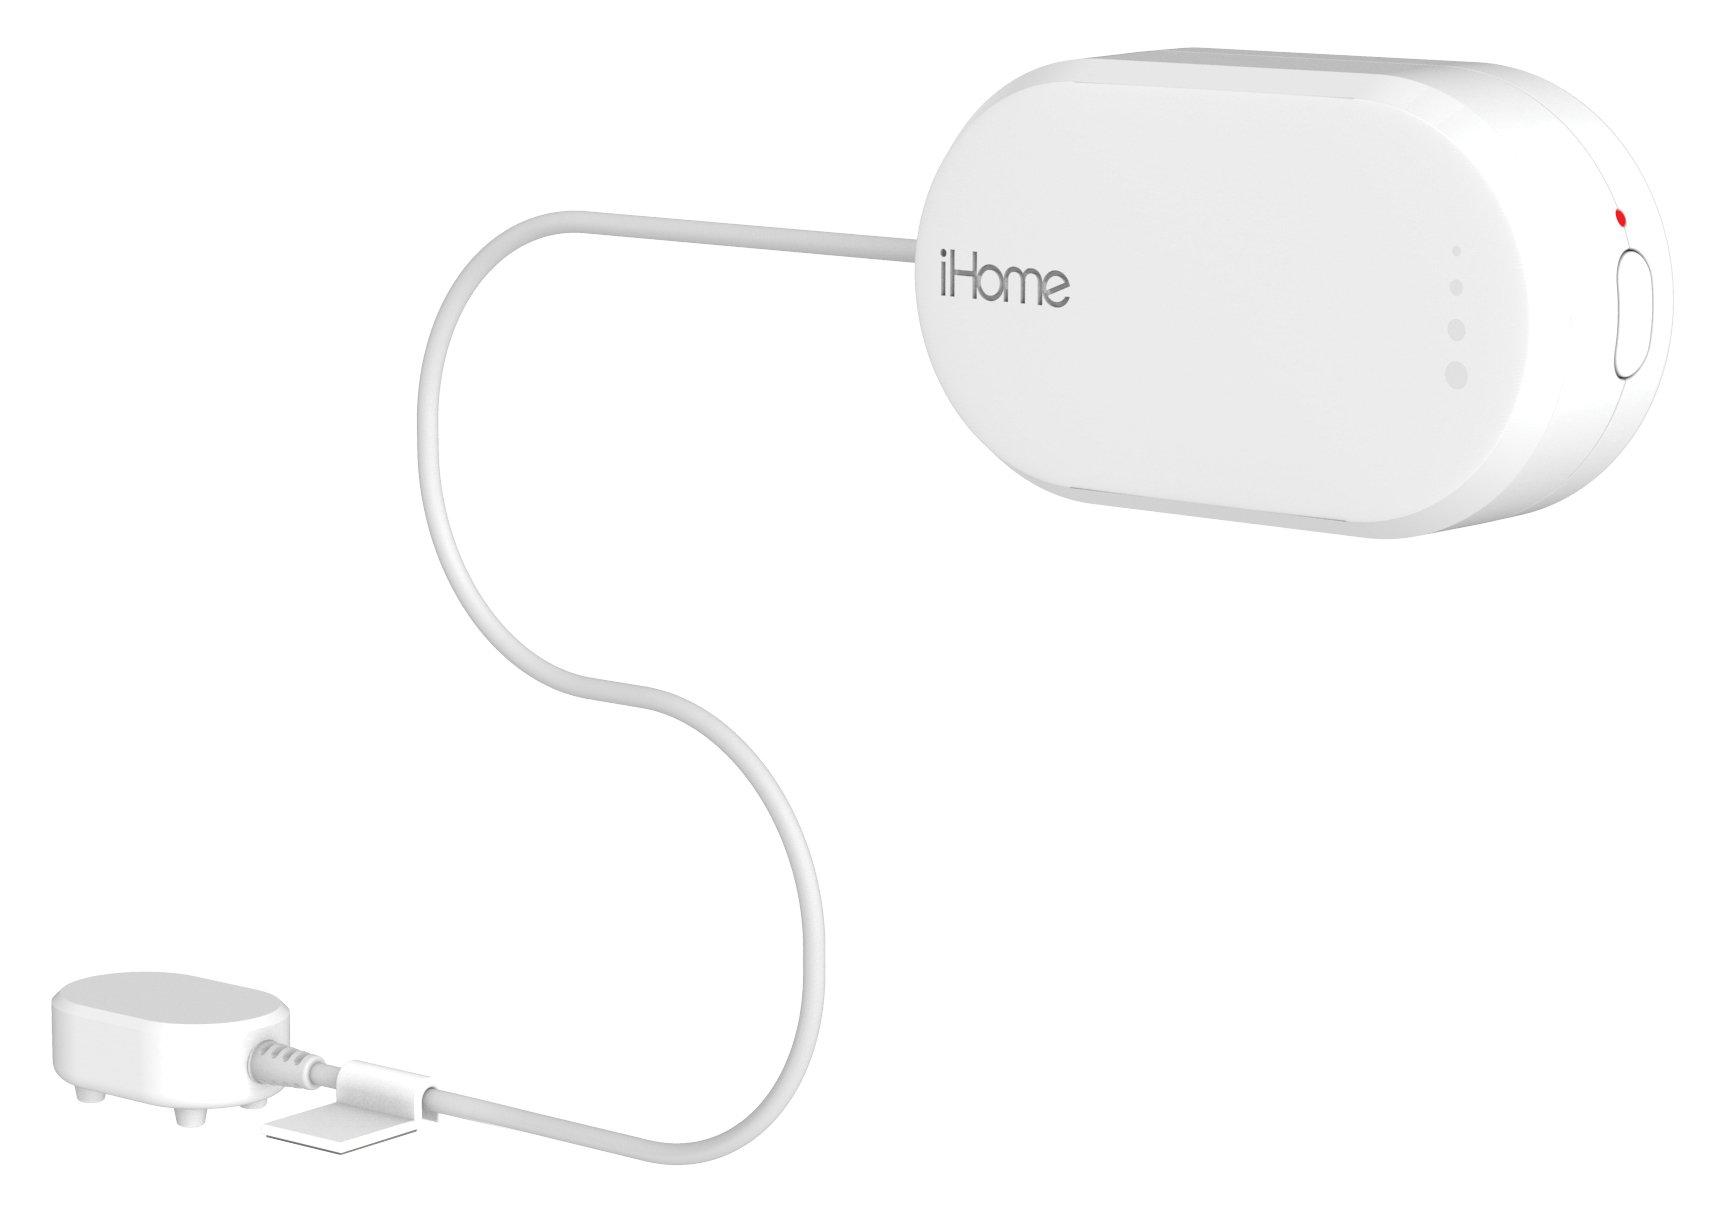 iHome iSB02 Battery Powered WI-FI Dual Leak Sensor, White by iHome